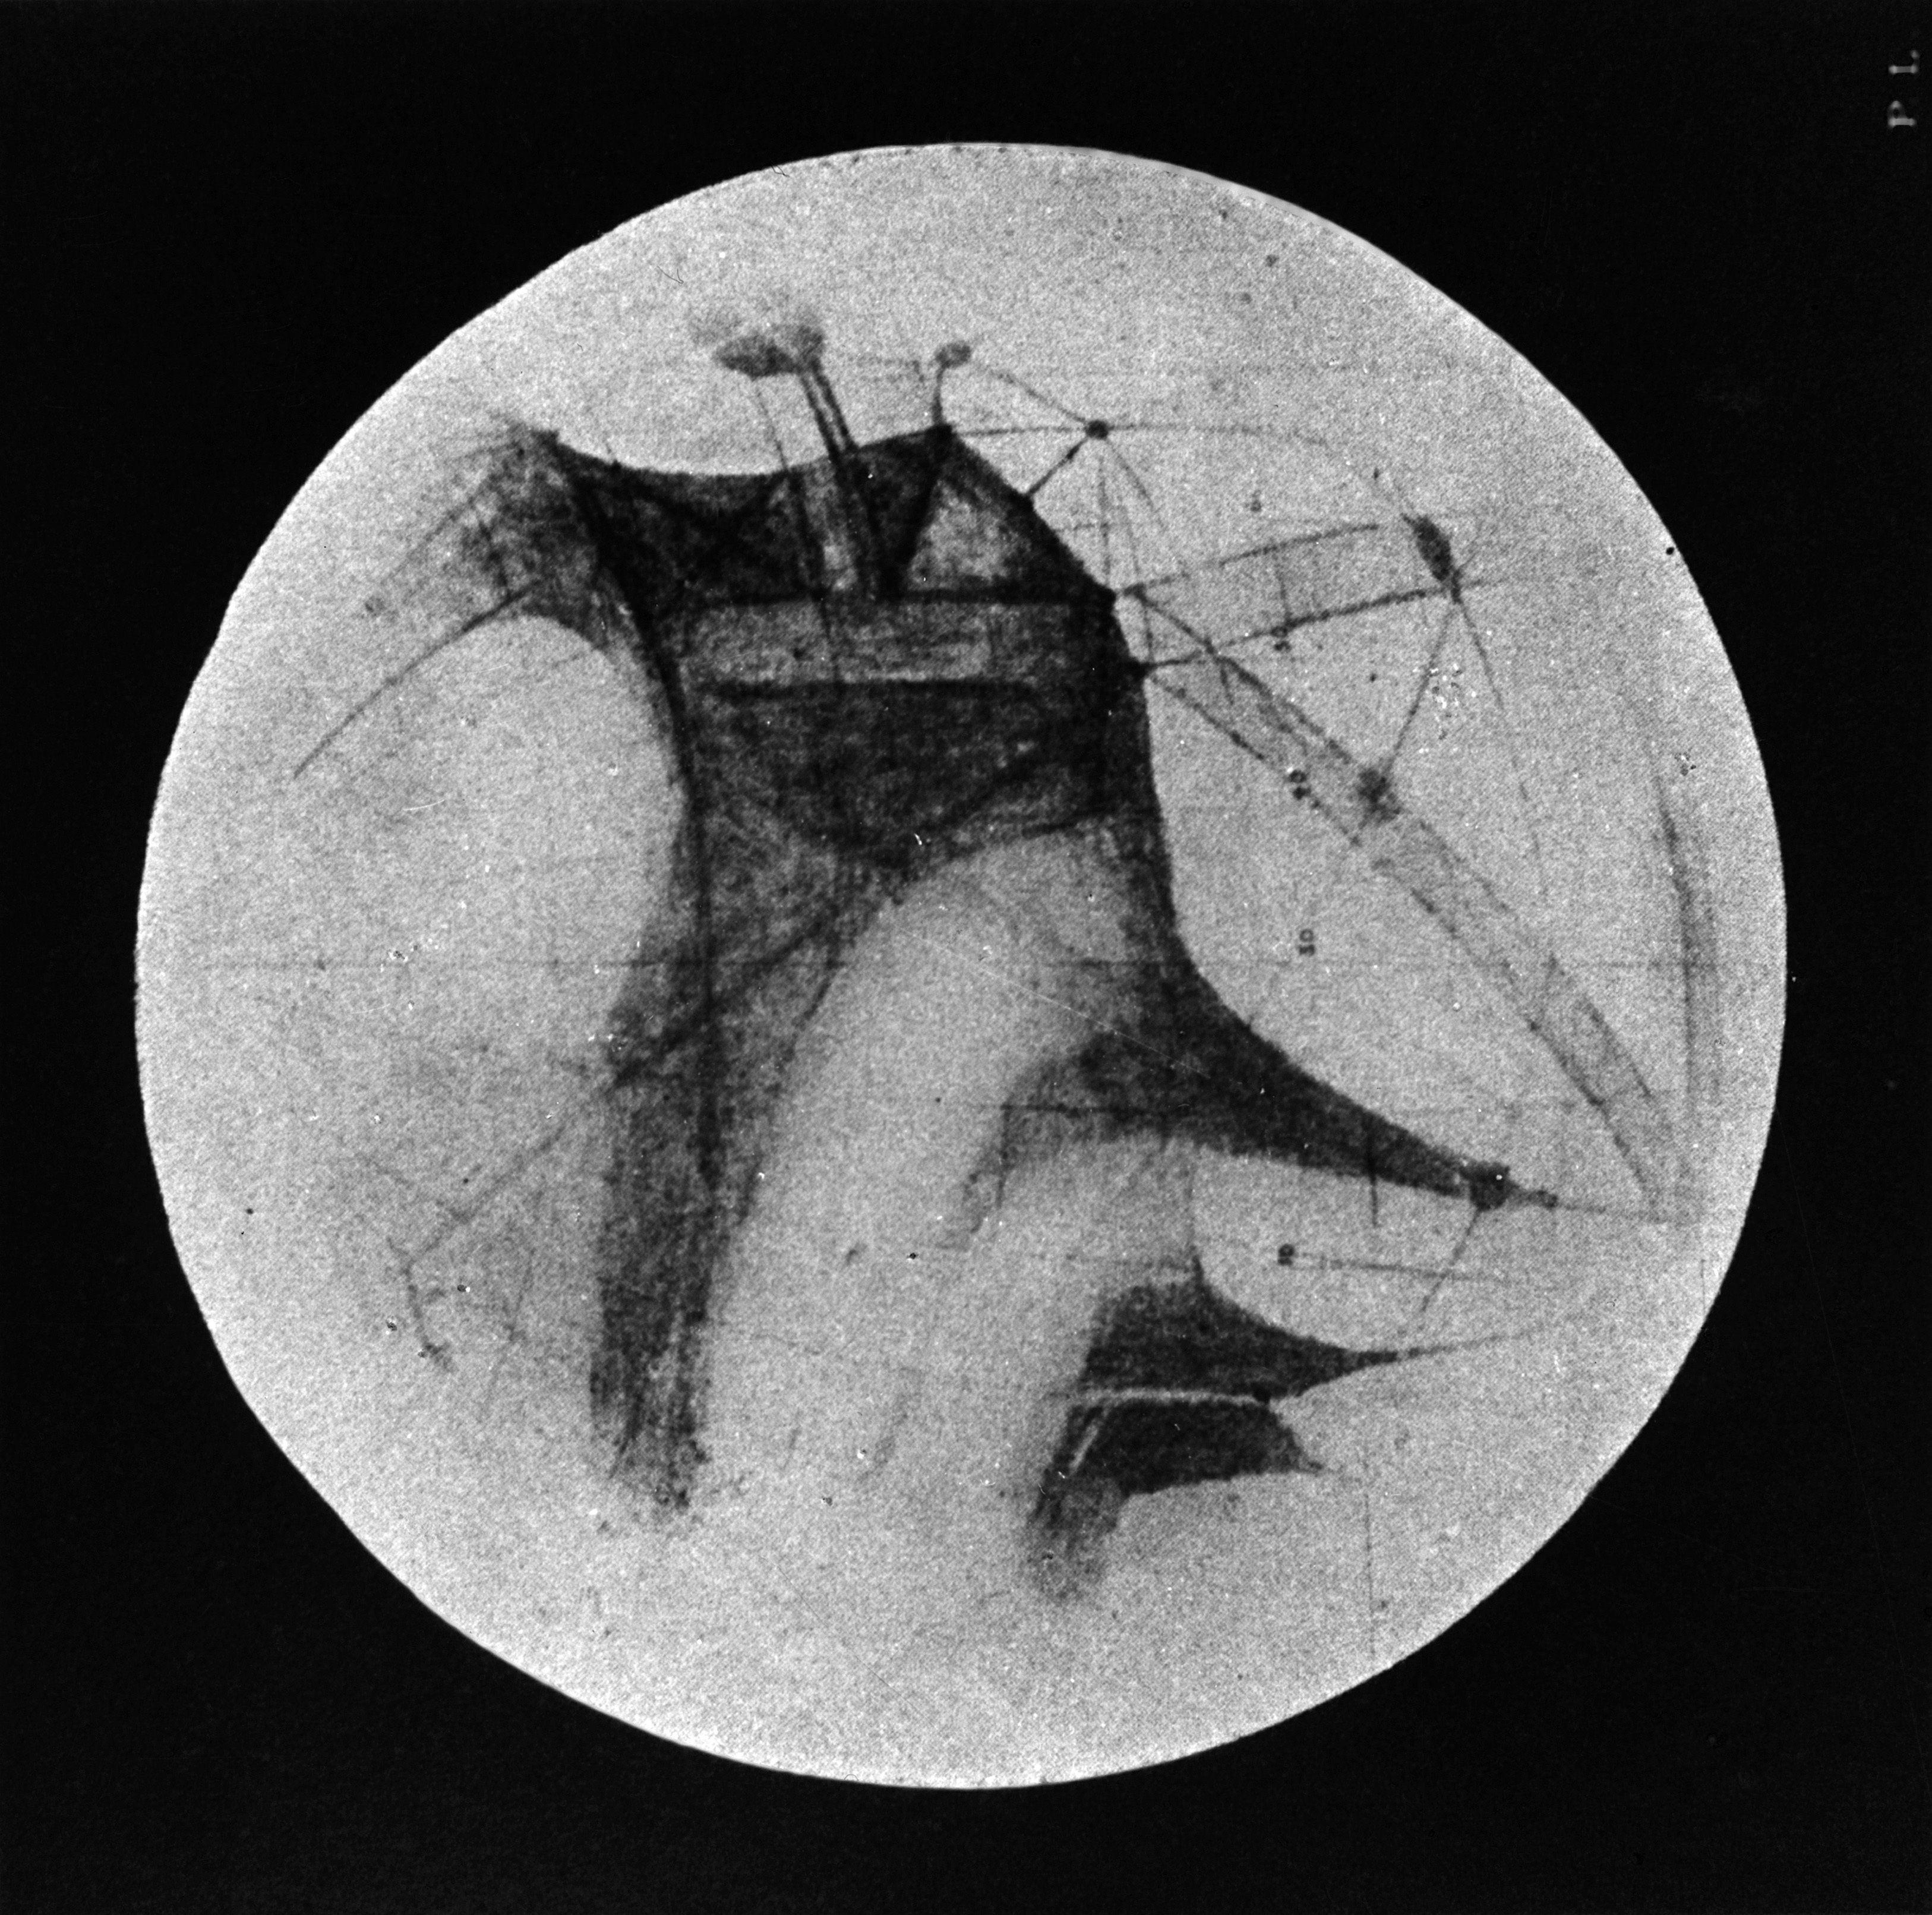 """Ένα σχέδιο του Percival Lowell (1896) που απεικονίζει """"κανάλια"""" και σκοτεινές περιοχές στον Άρη."""